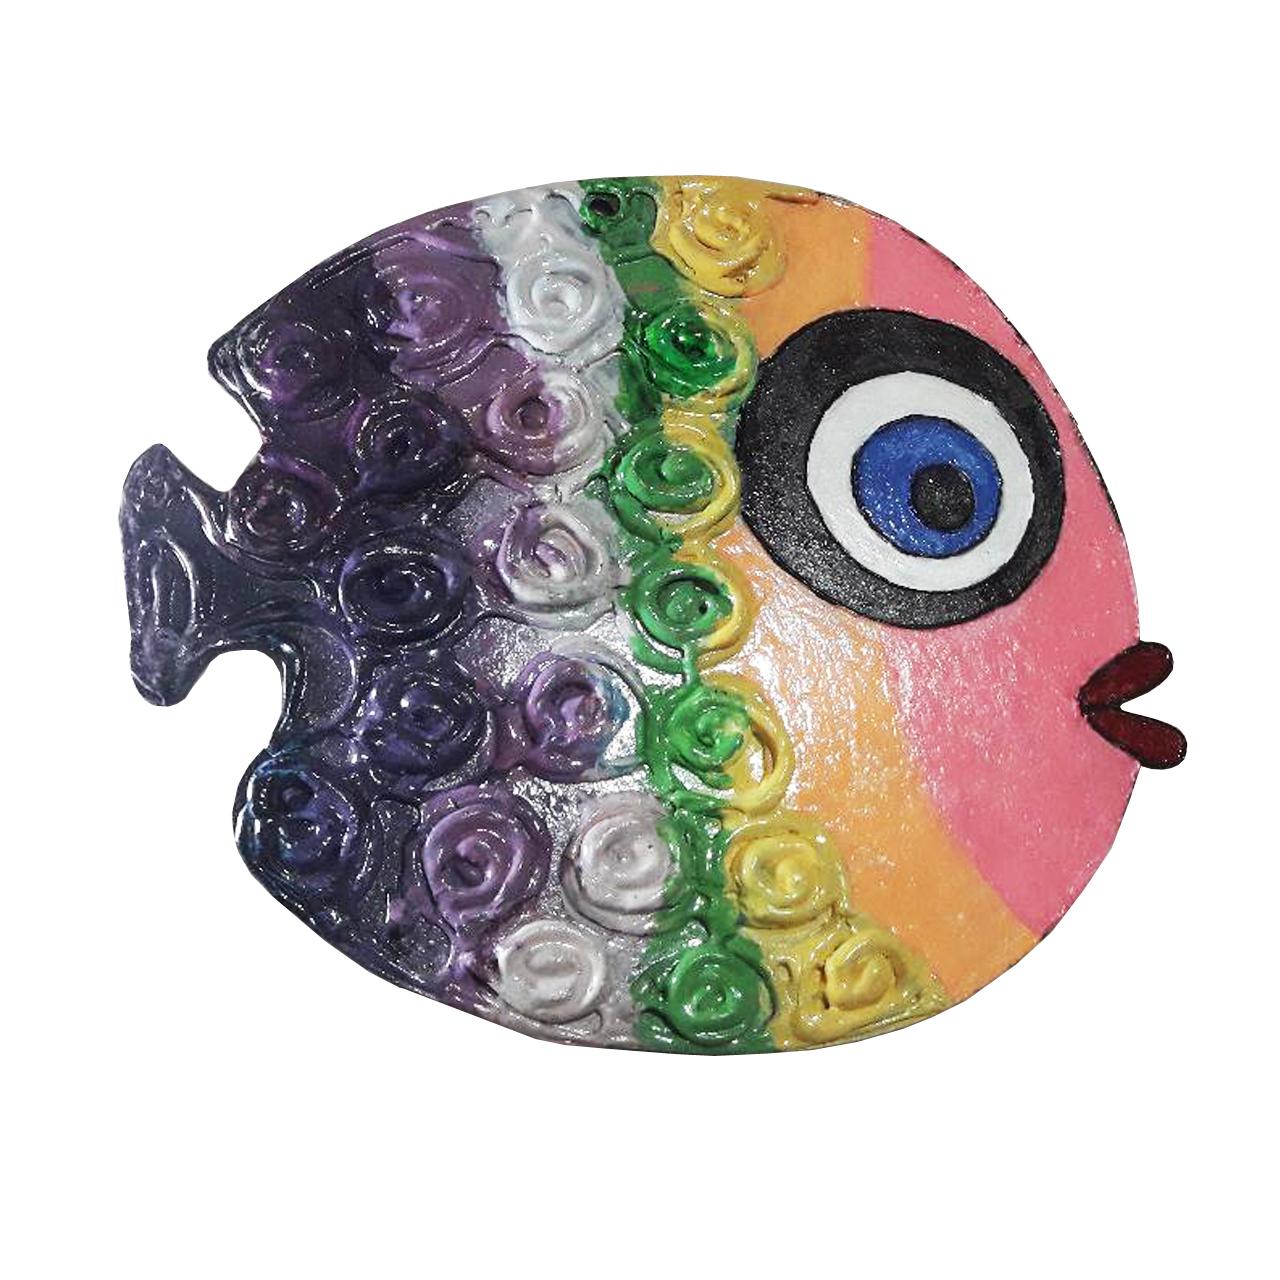 تابلو مدل ماهی رنگین کمان کد PT-03-01